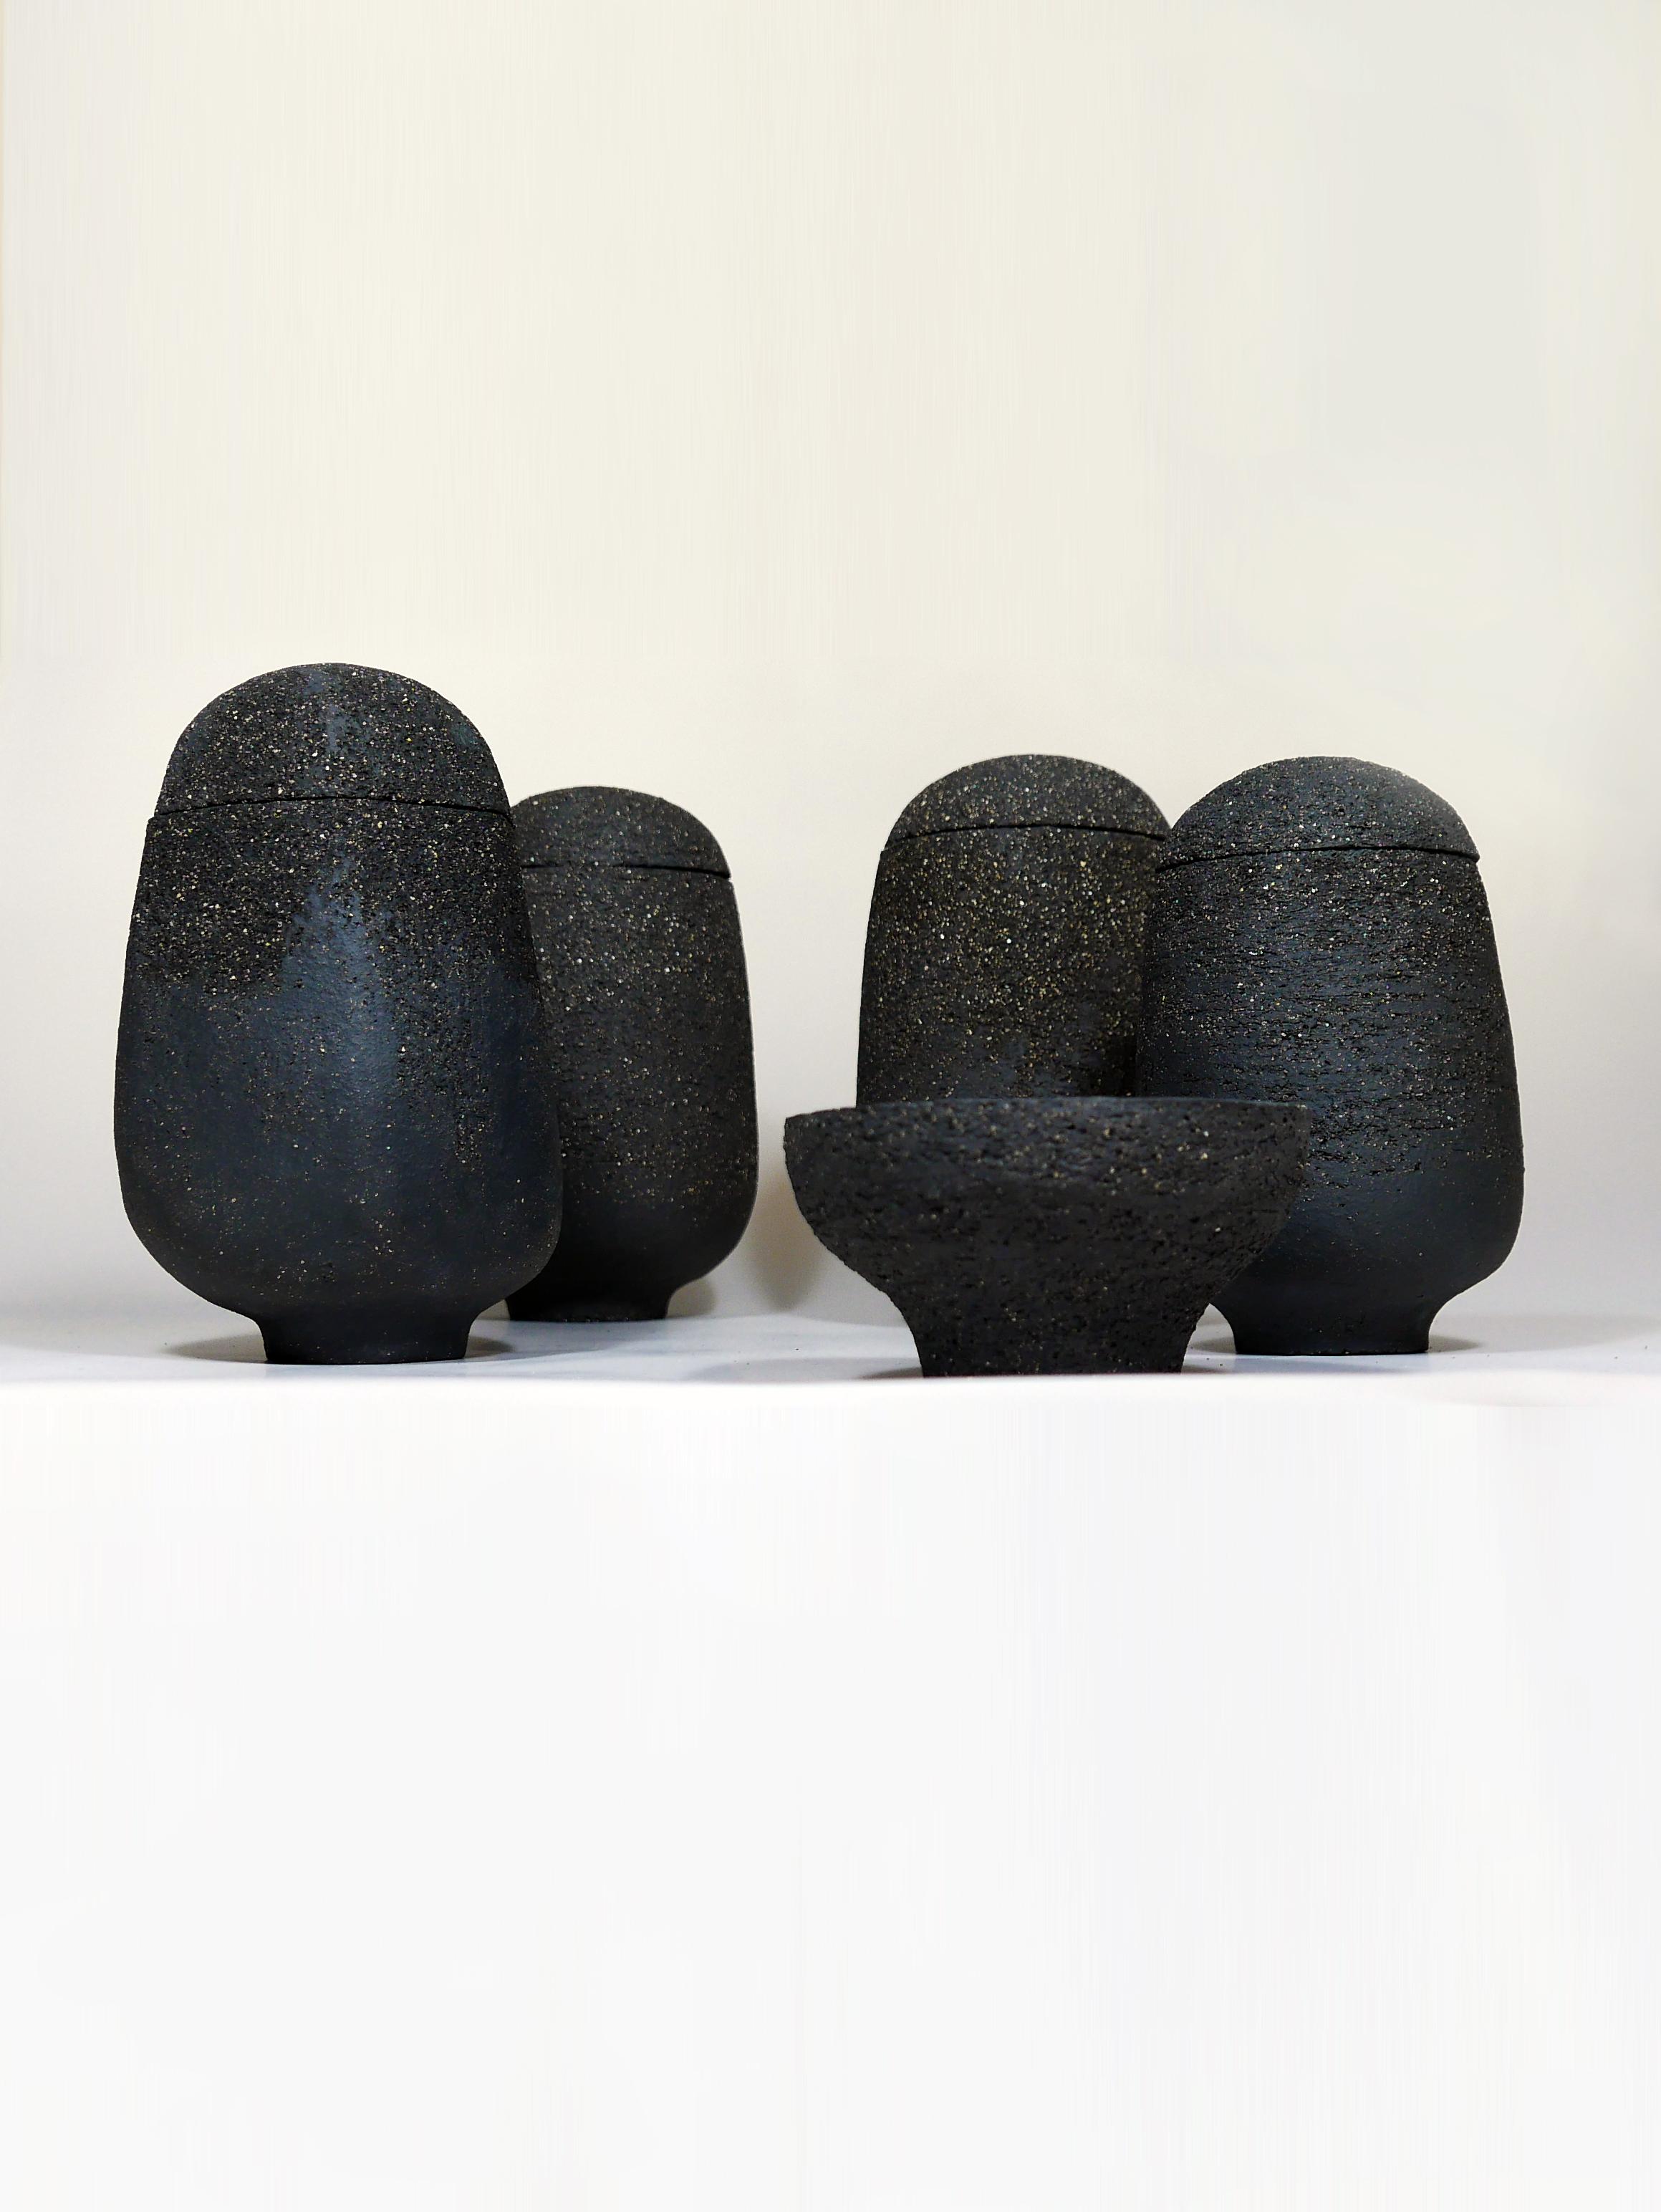 alienor Martineau alma mater ceramiques.jpg